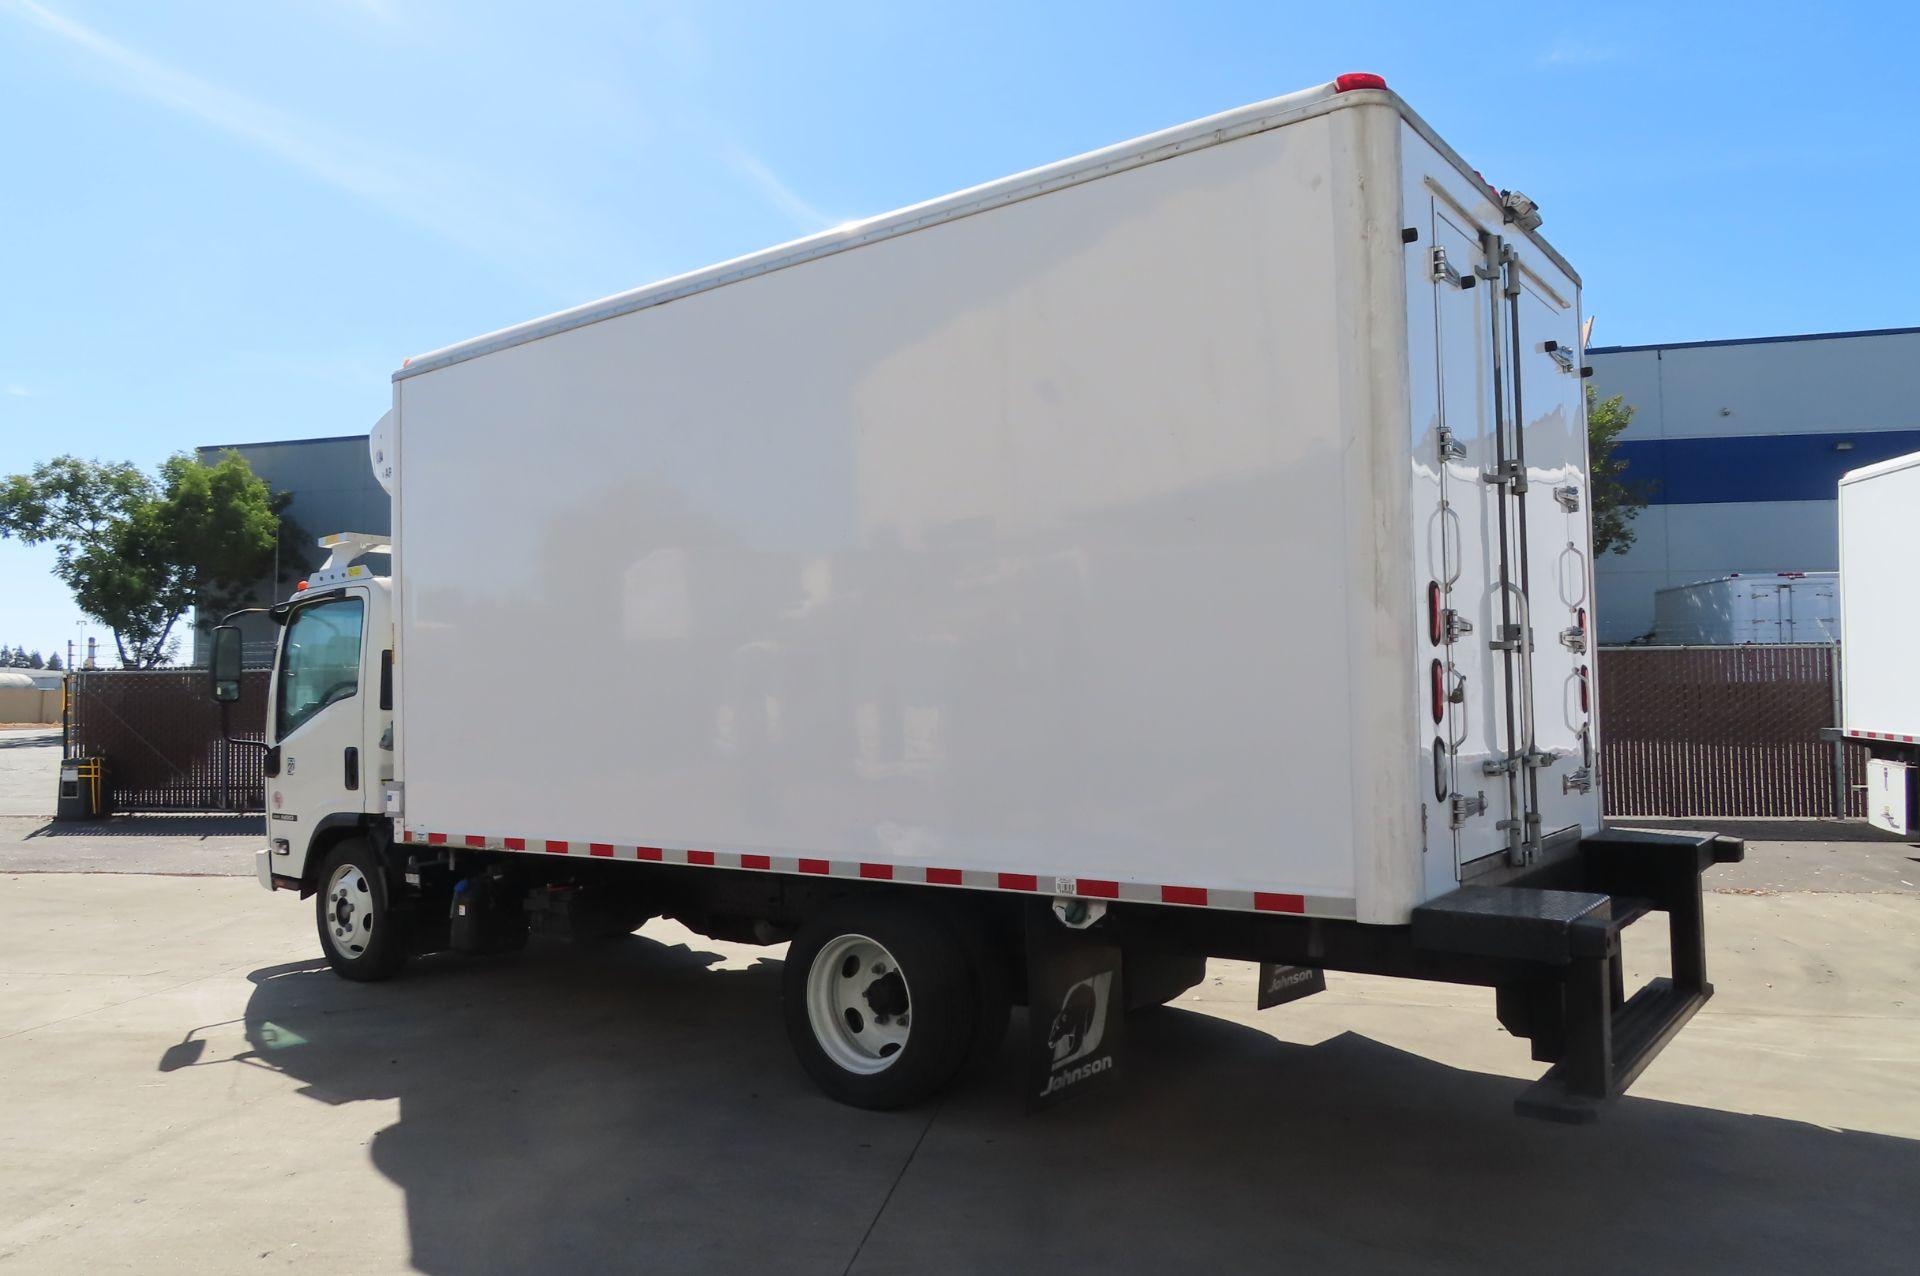 2019 Isuzu refrigerated truck - Image 3 of 6